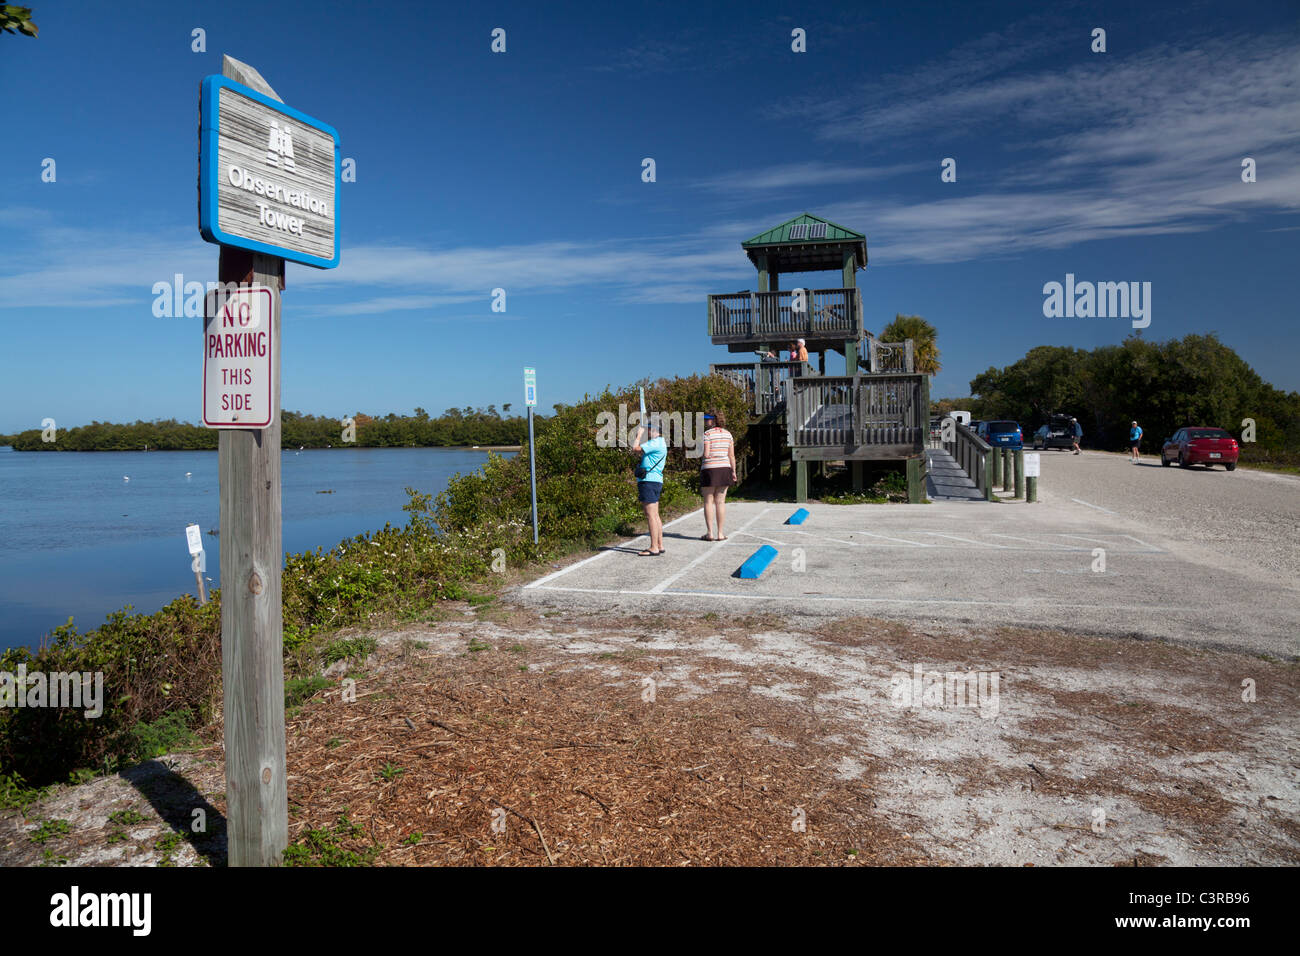 J.N. 'Ding' Darling National Wildlife Refuge, Sanibel Island, Florida, USA - Stock Image